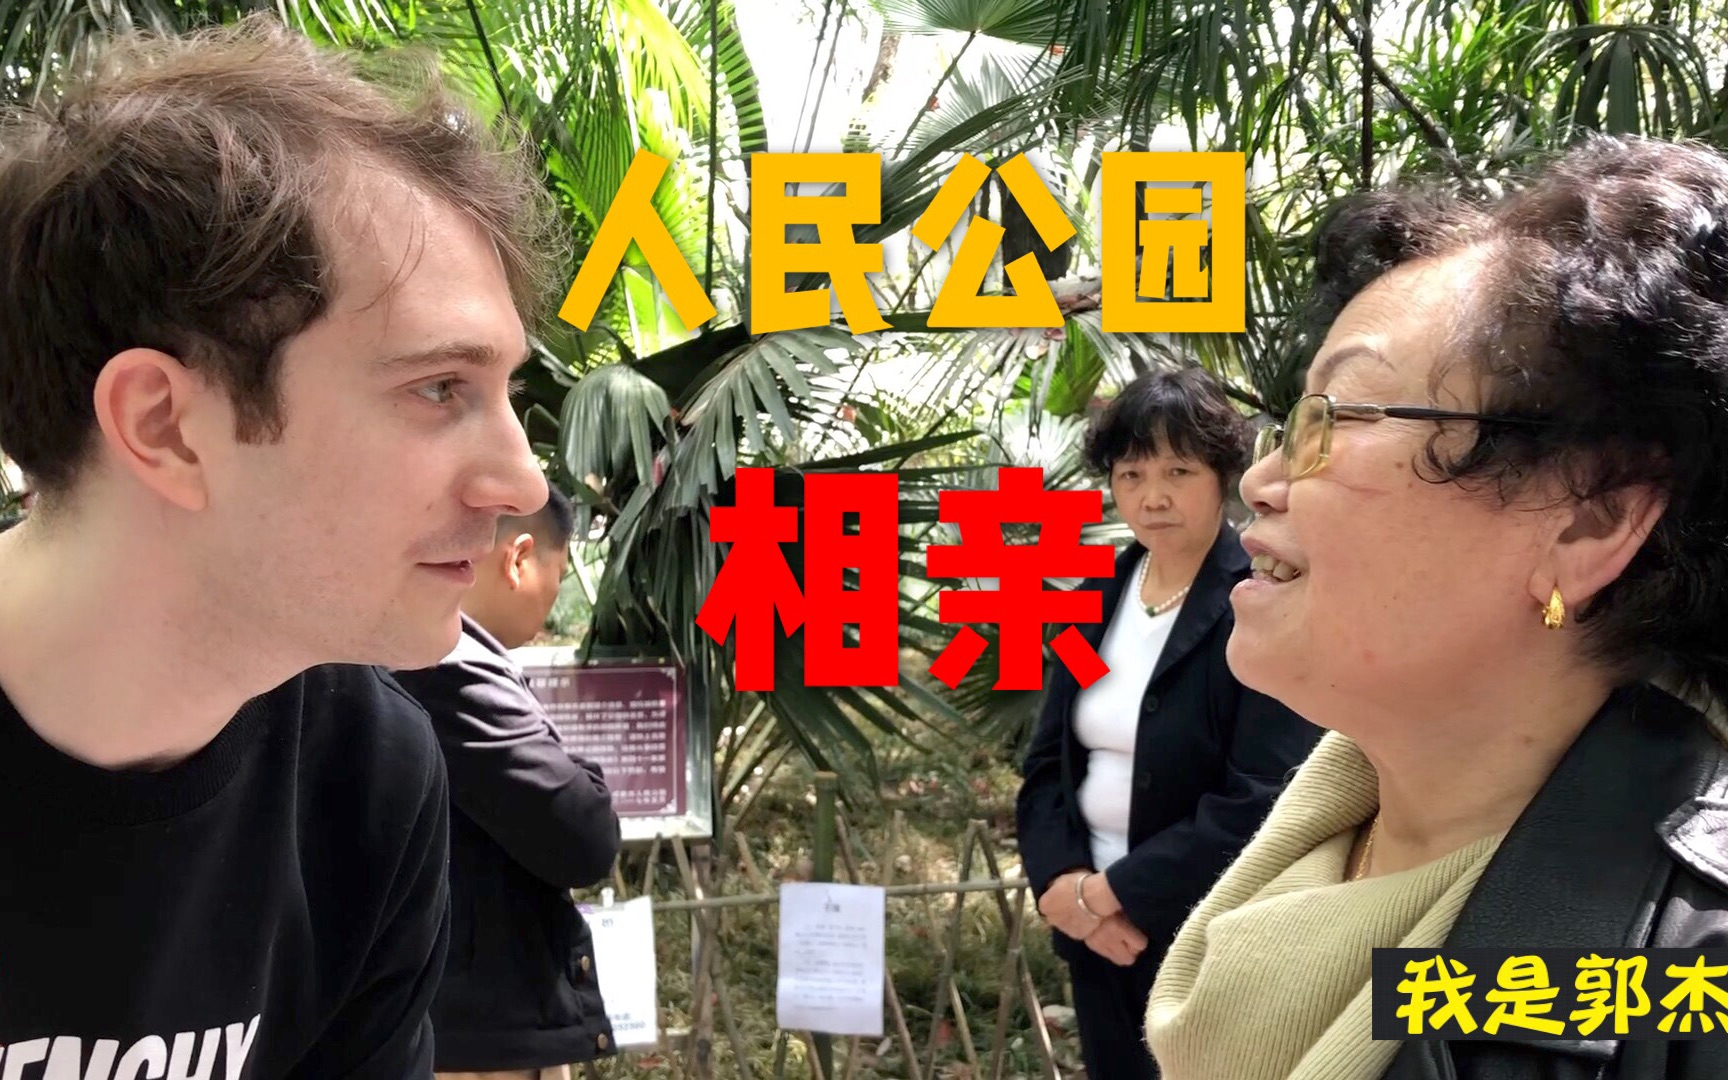 人民公园相亲角采访中国父母,中美相亲文化很不同